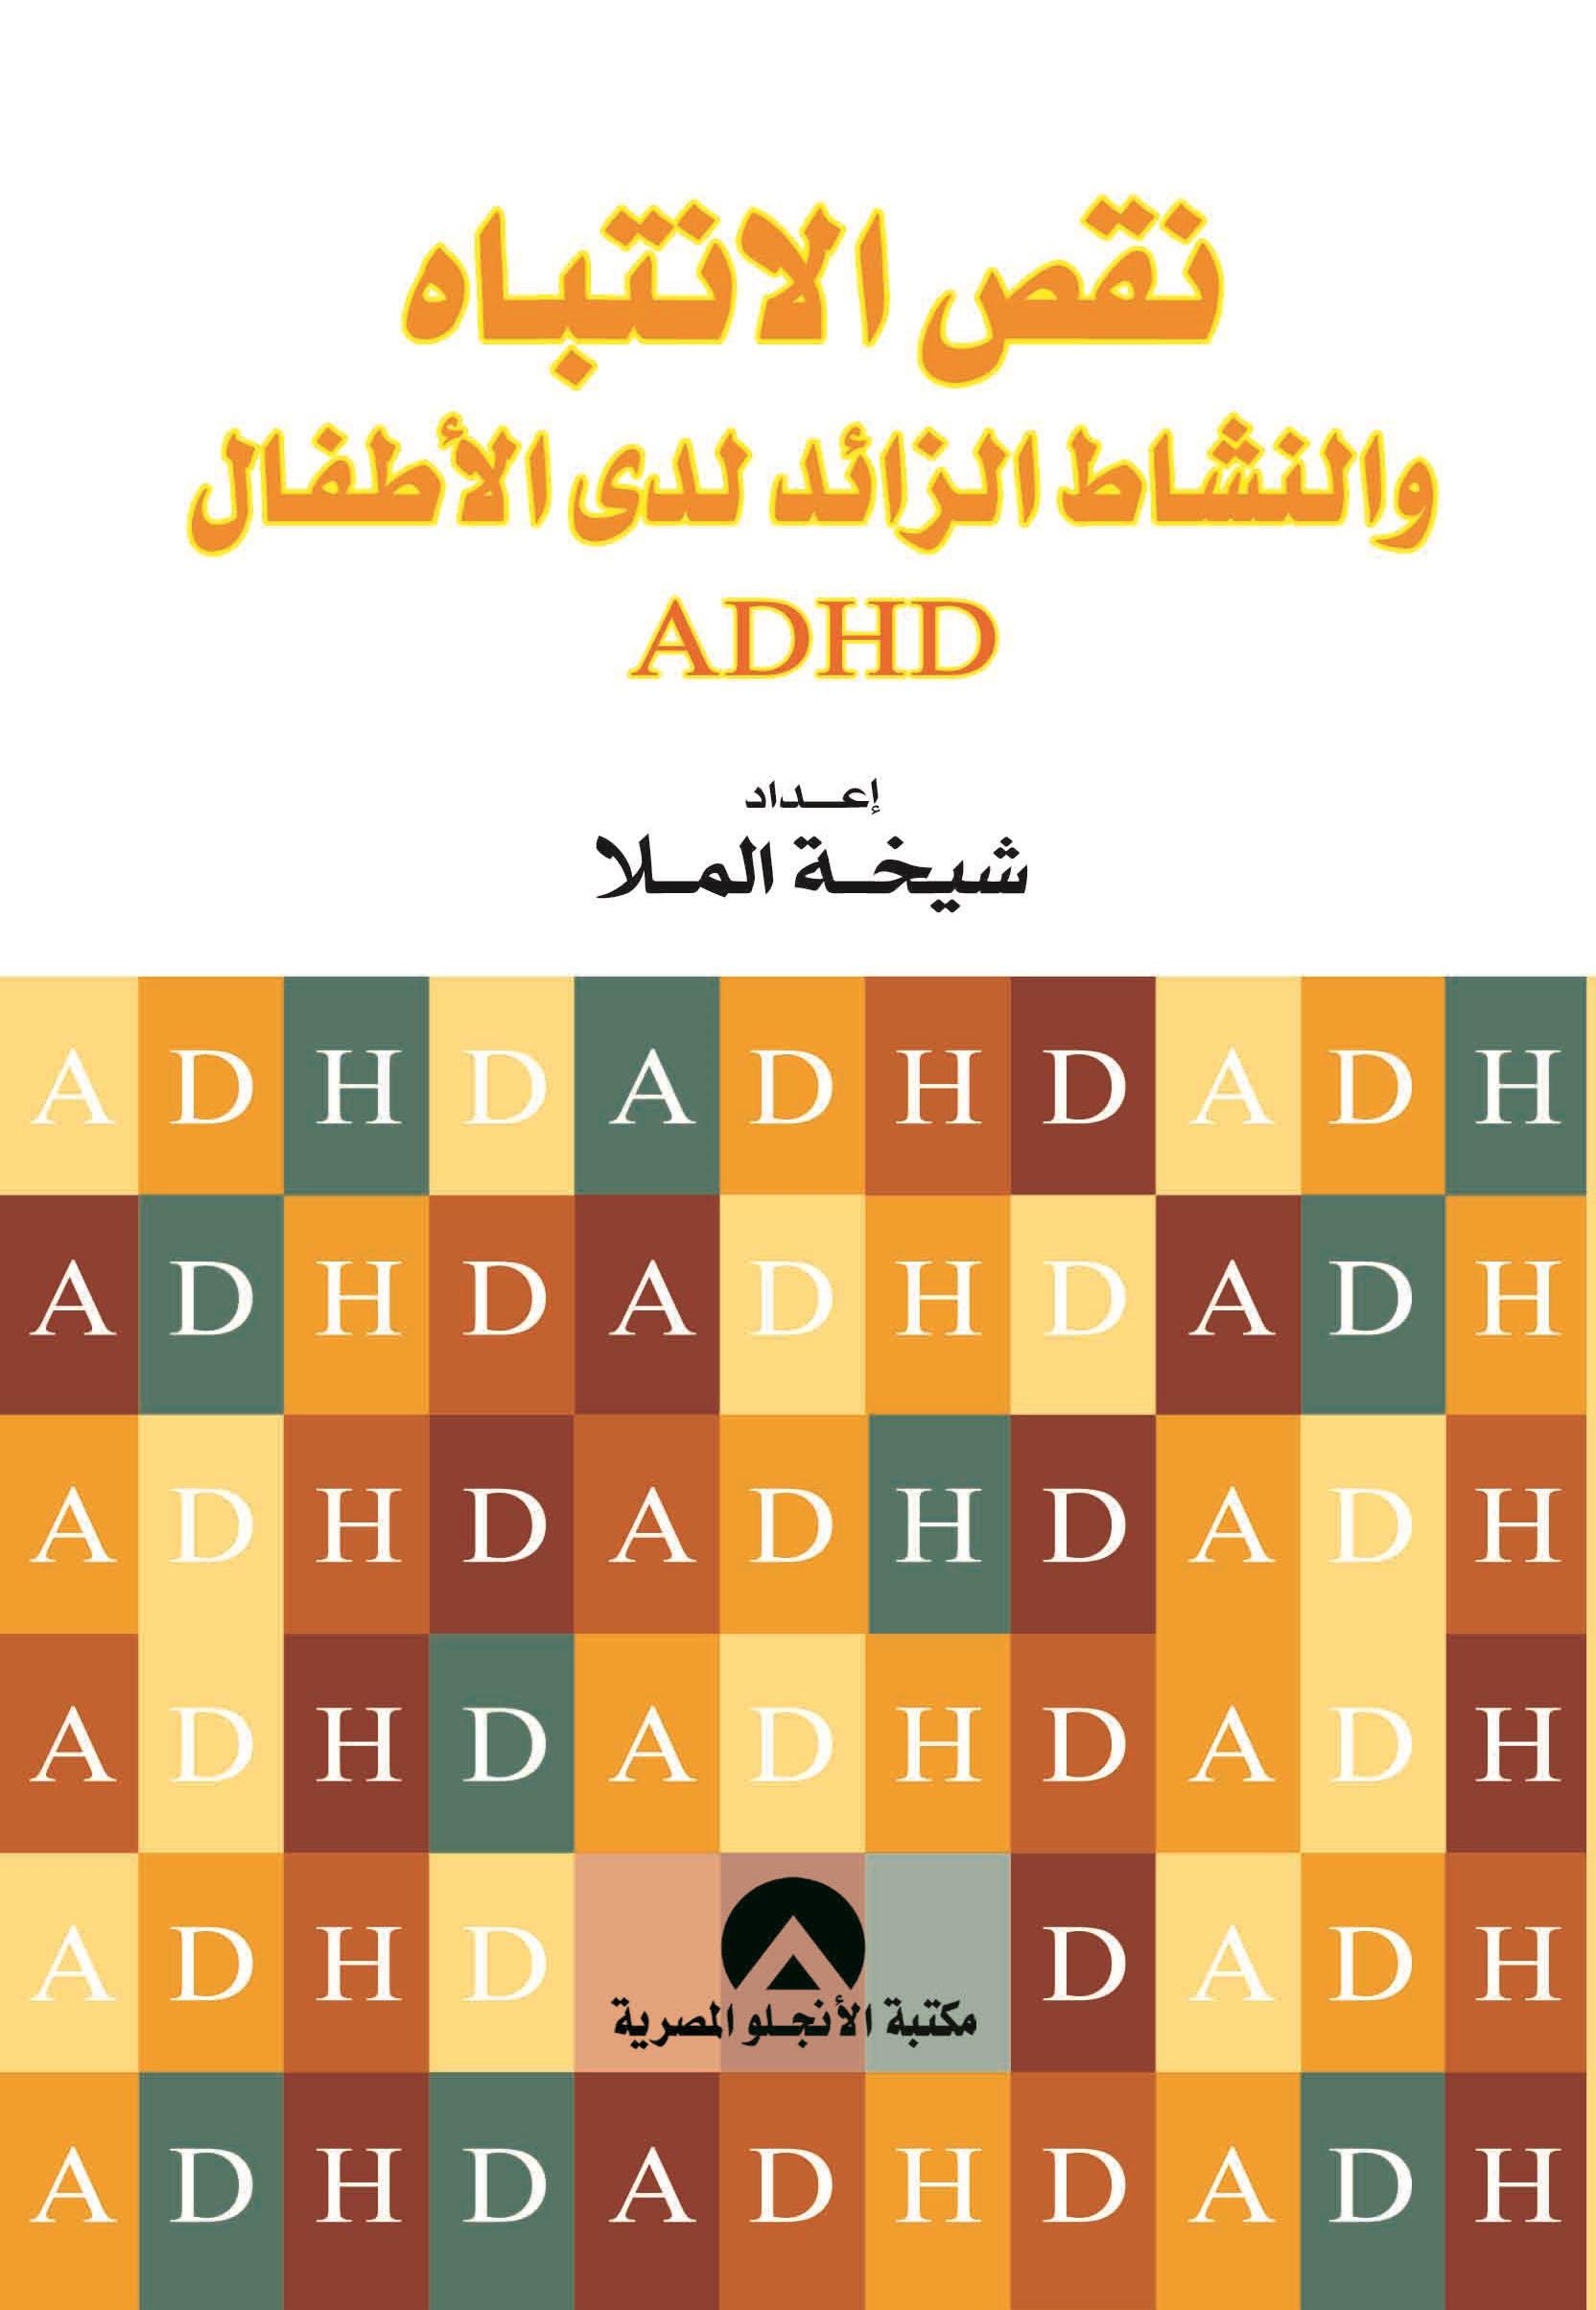 نقص الانتباه والنشاط الزائد لدى الاطفال ADHD